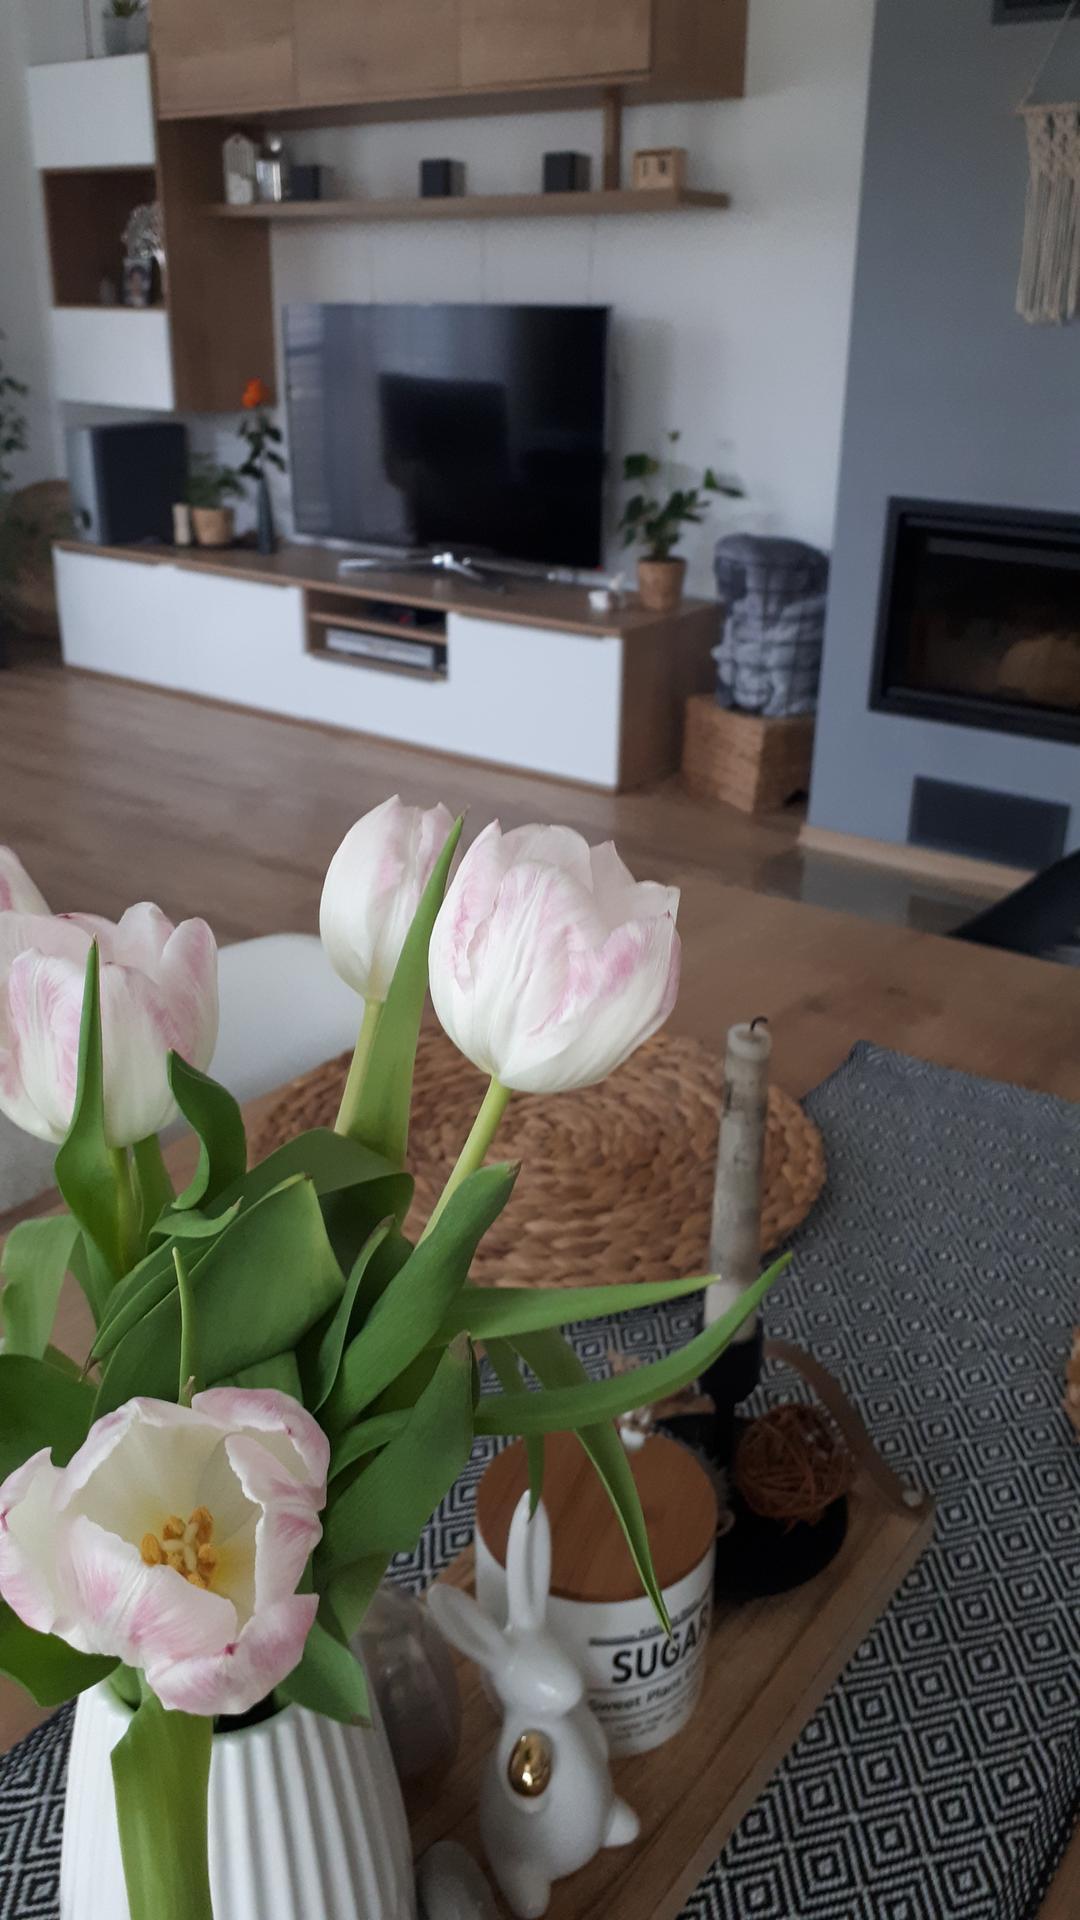 U nás 2021... aneb DOMA s láskou ❤ - Tyhle tulipány jsou neskutečné! Takhle krásné jsou už 8.den a stále drží 🌷💪👍. Hezký den.